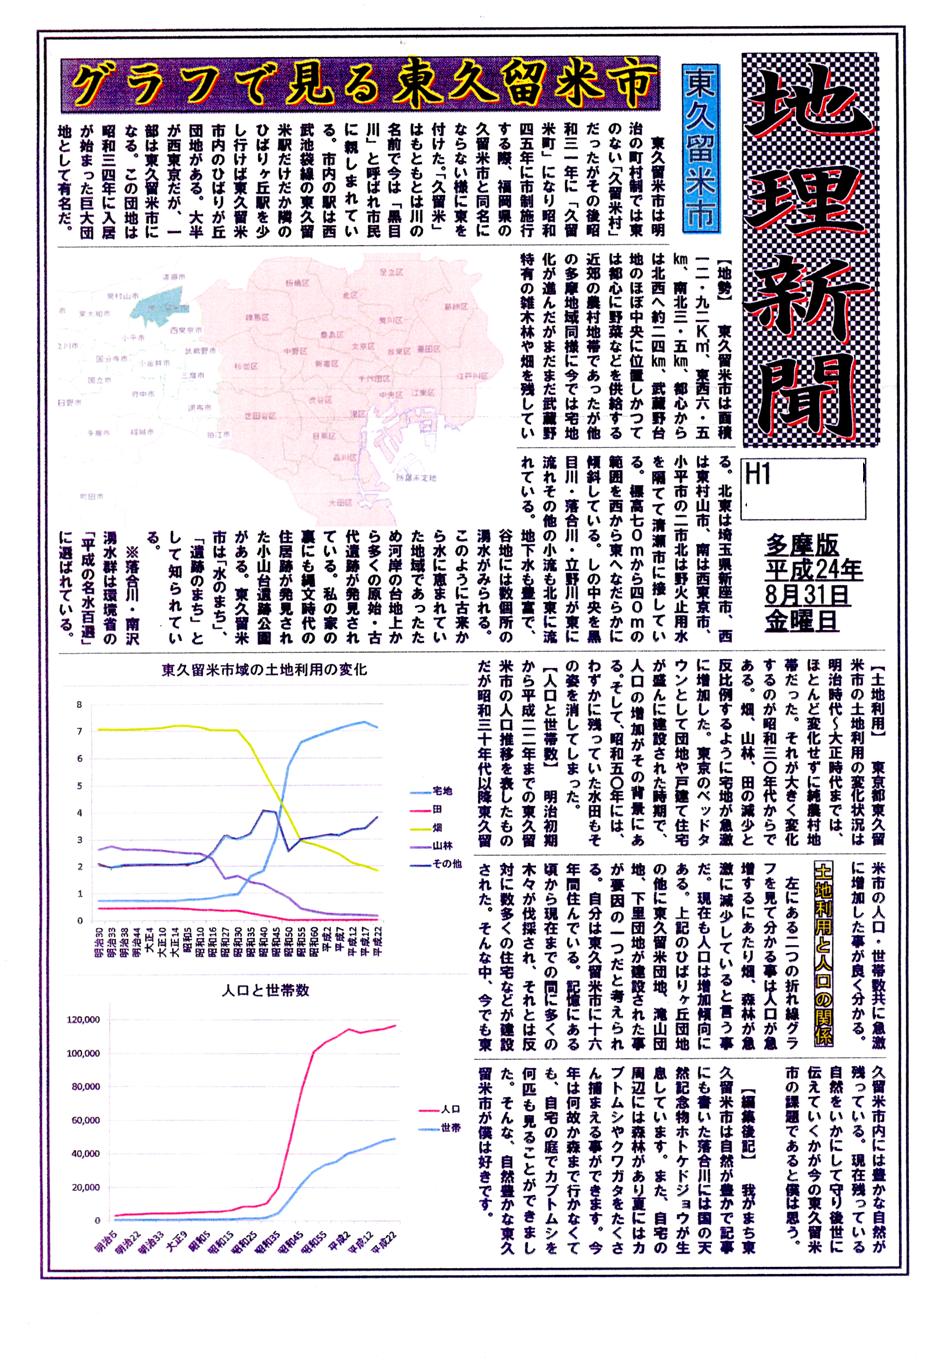 地理新聞優秀作品.png 明法中学・高等学校|明法ニュース